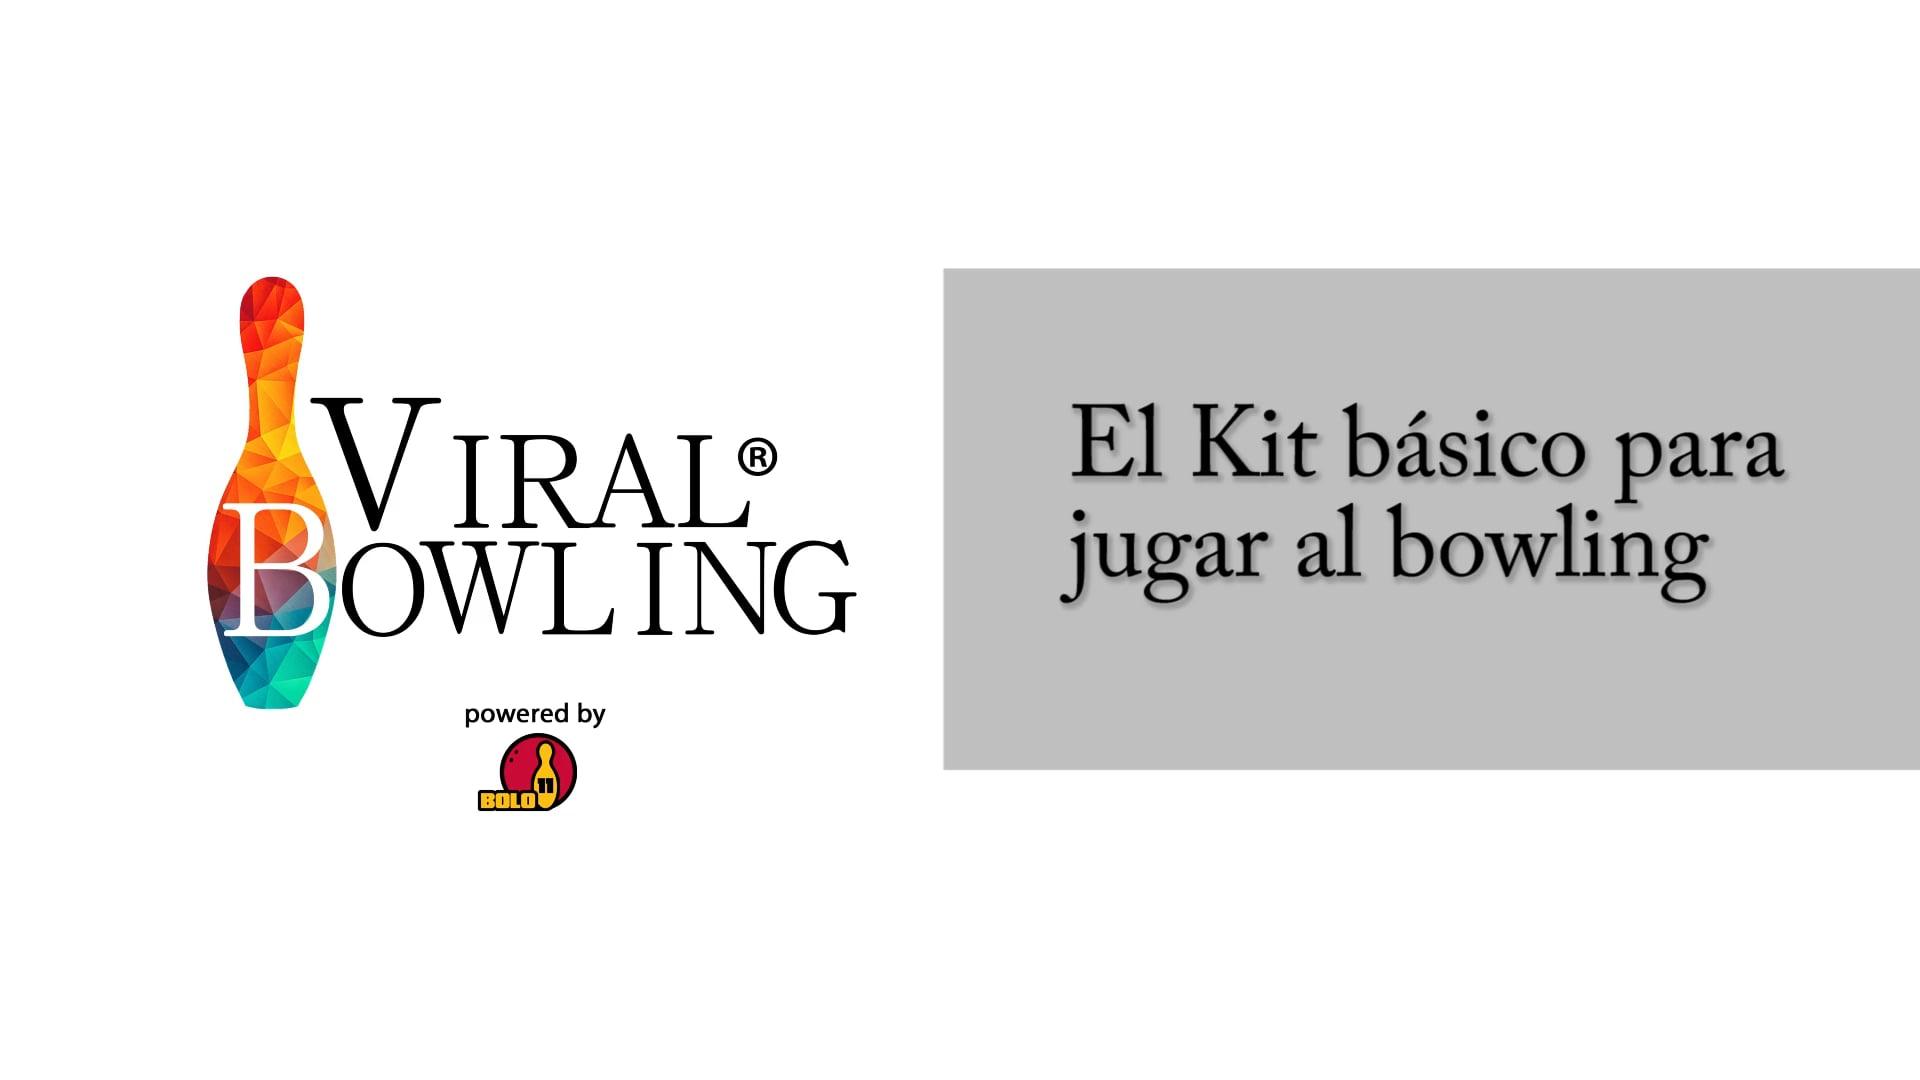 #ViralBowling: Kit básico para principiantes del bowling